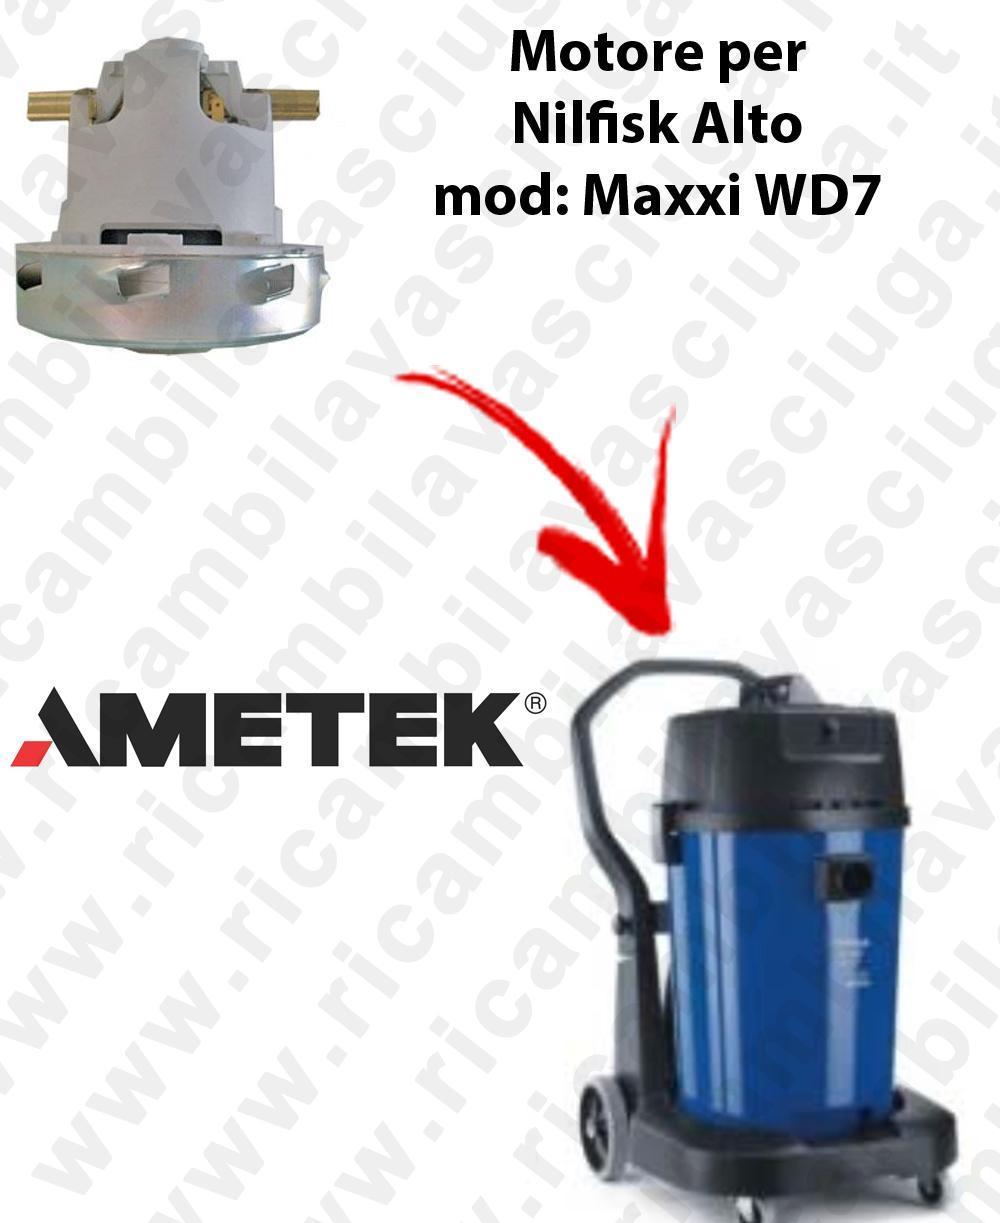 MAXXI WD7  Motore de aspiración AMETEK para aspiradora Nilfisk Alto